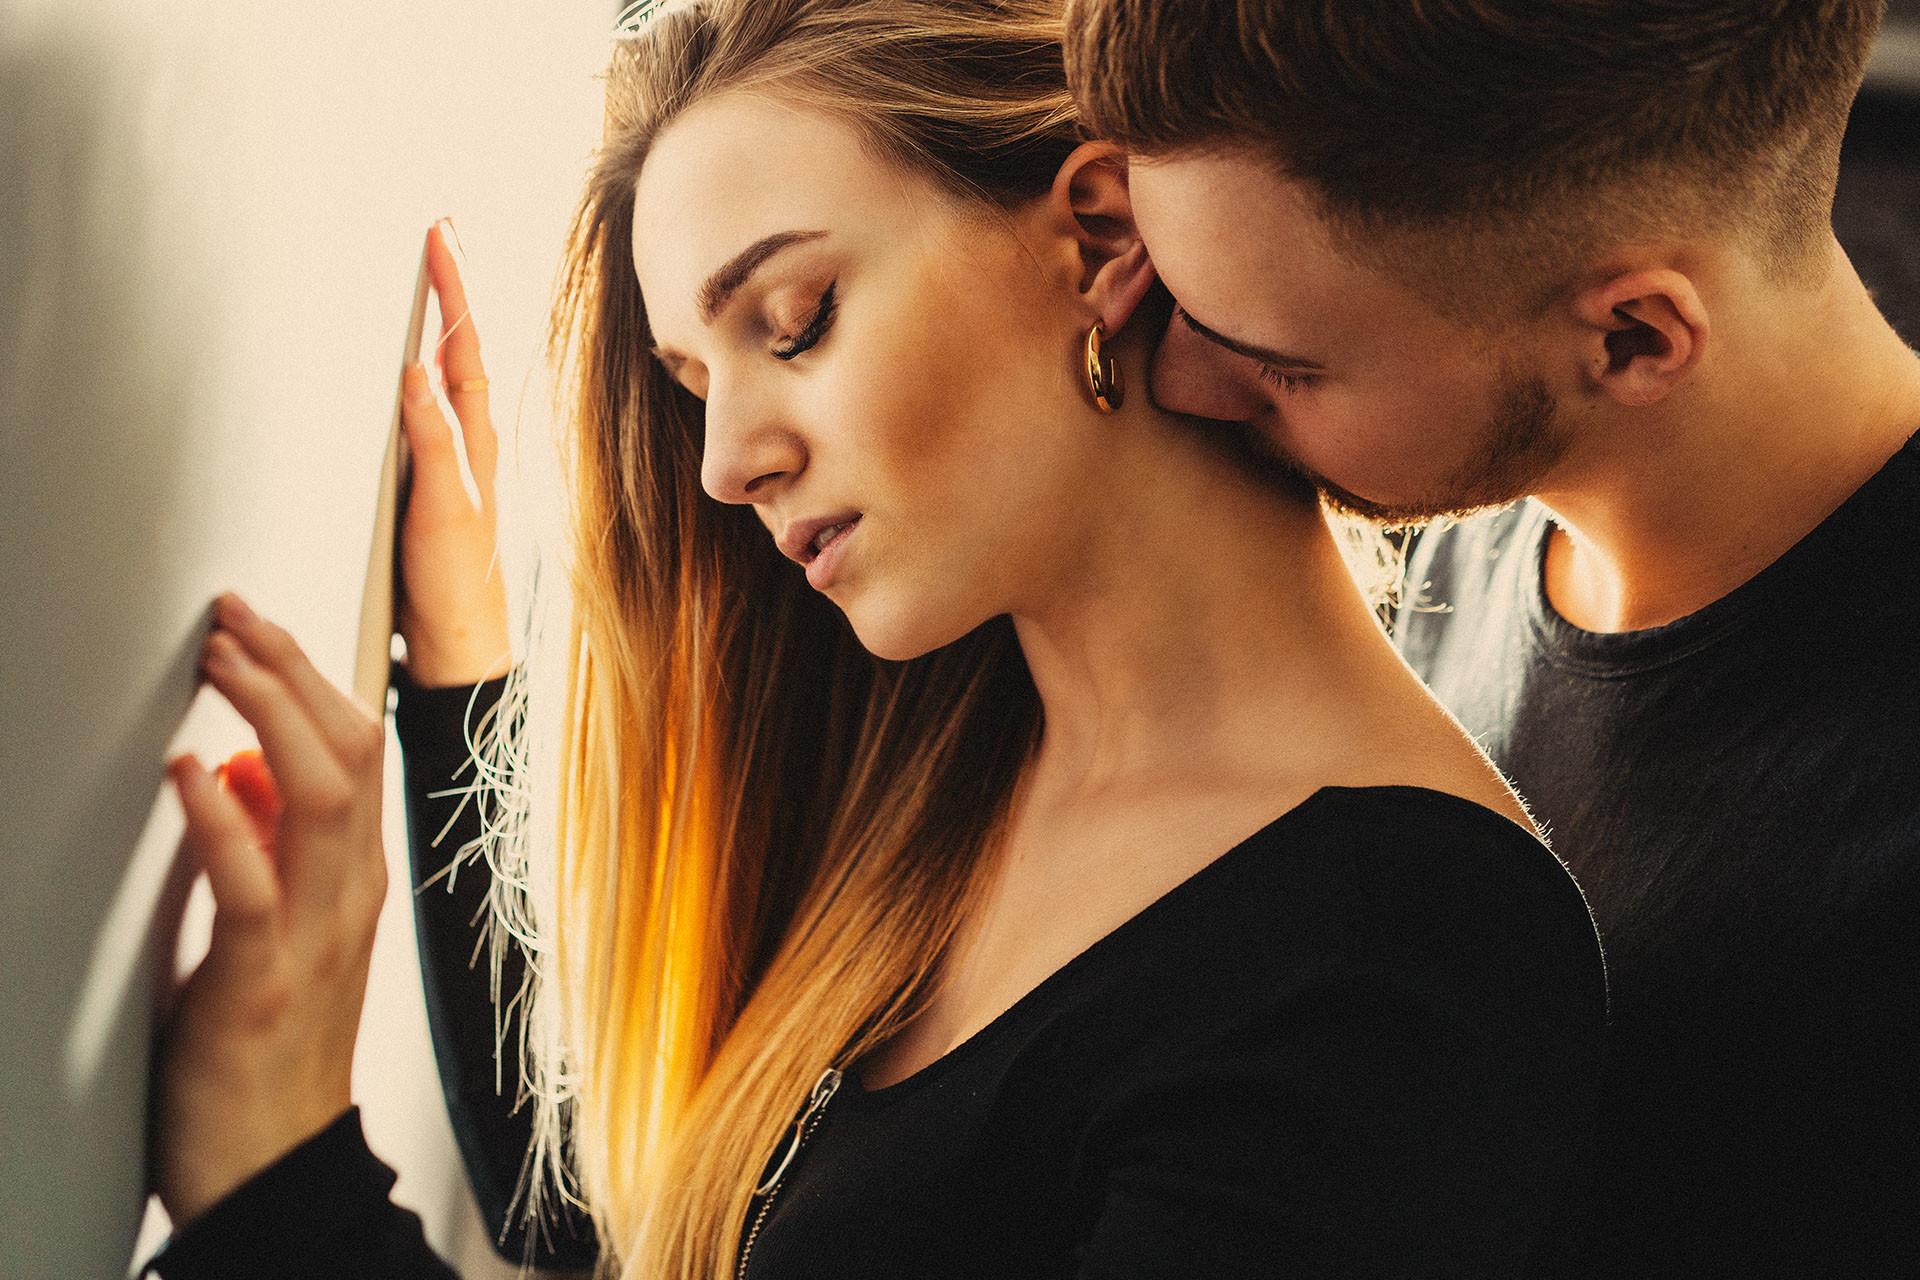 Paarshooting Leipzig Sinnlichkeit Fotograf - Sie lehnt sich an einer Wand an. Er küsst sie sinnlich auf den Hals.